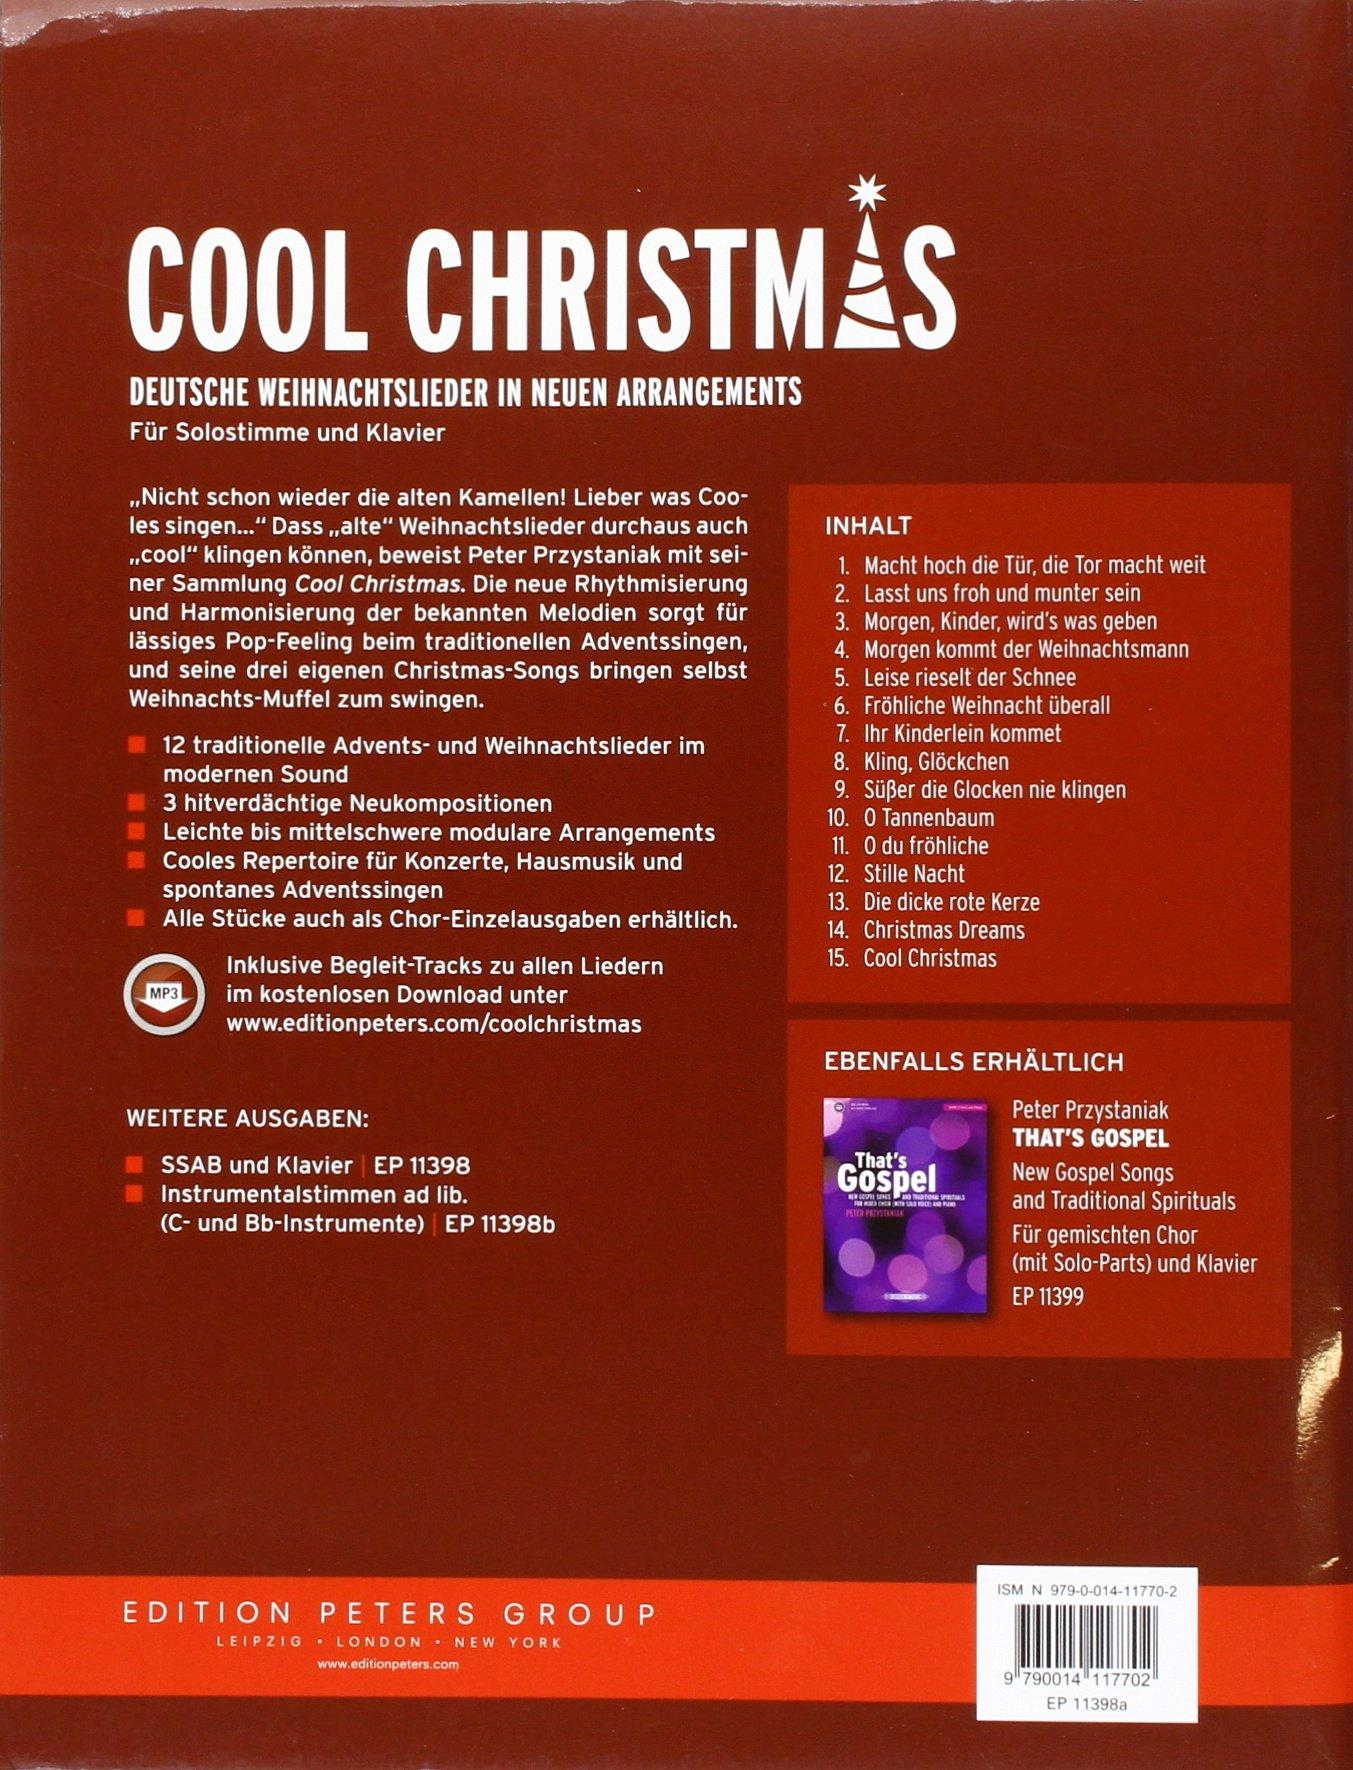 Coole Weihnachtslieder.Cool Christmas Deutsche Weihnachtslieder In Neuen Arrangements Für